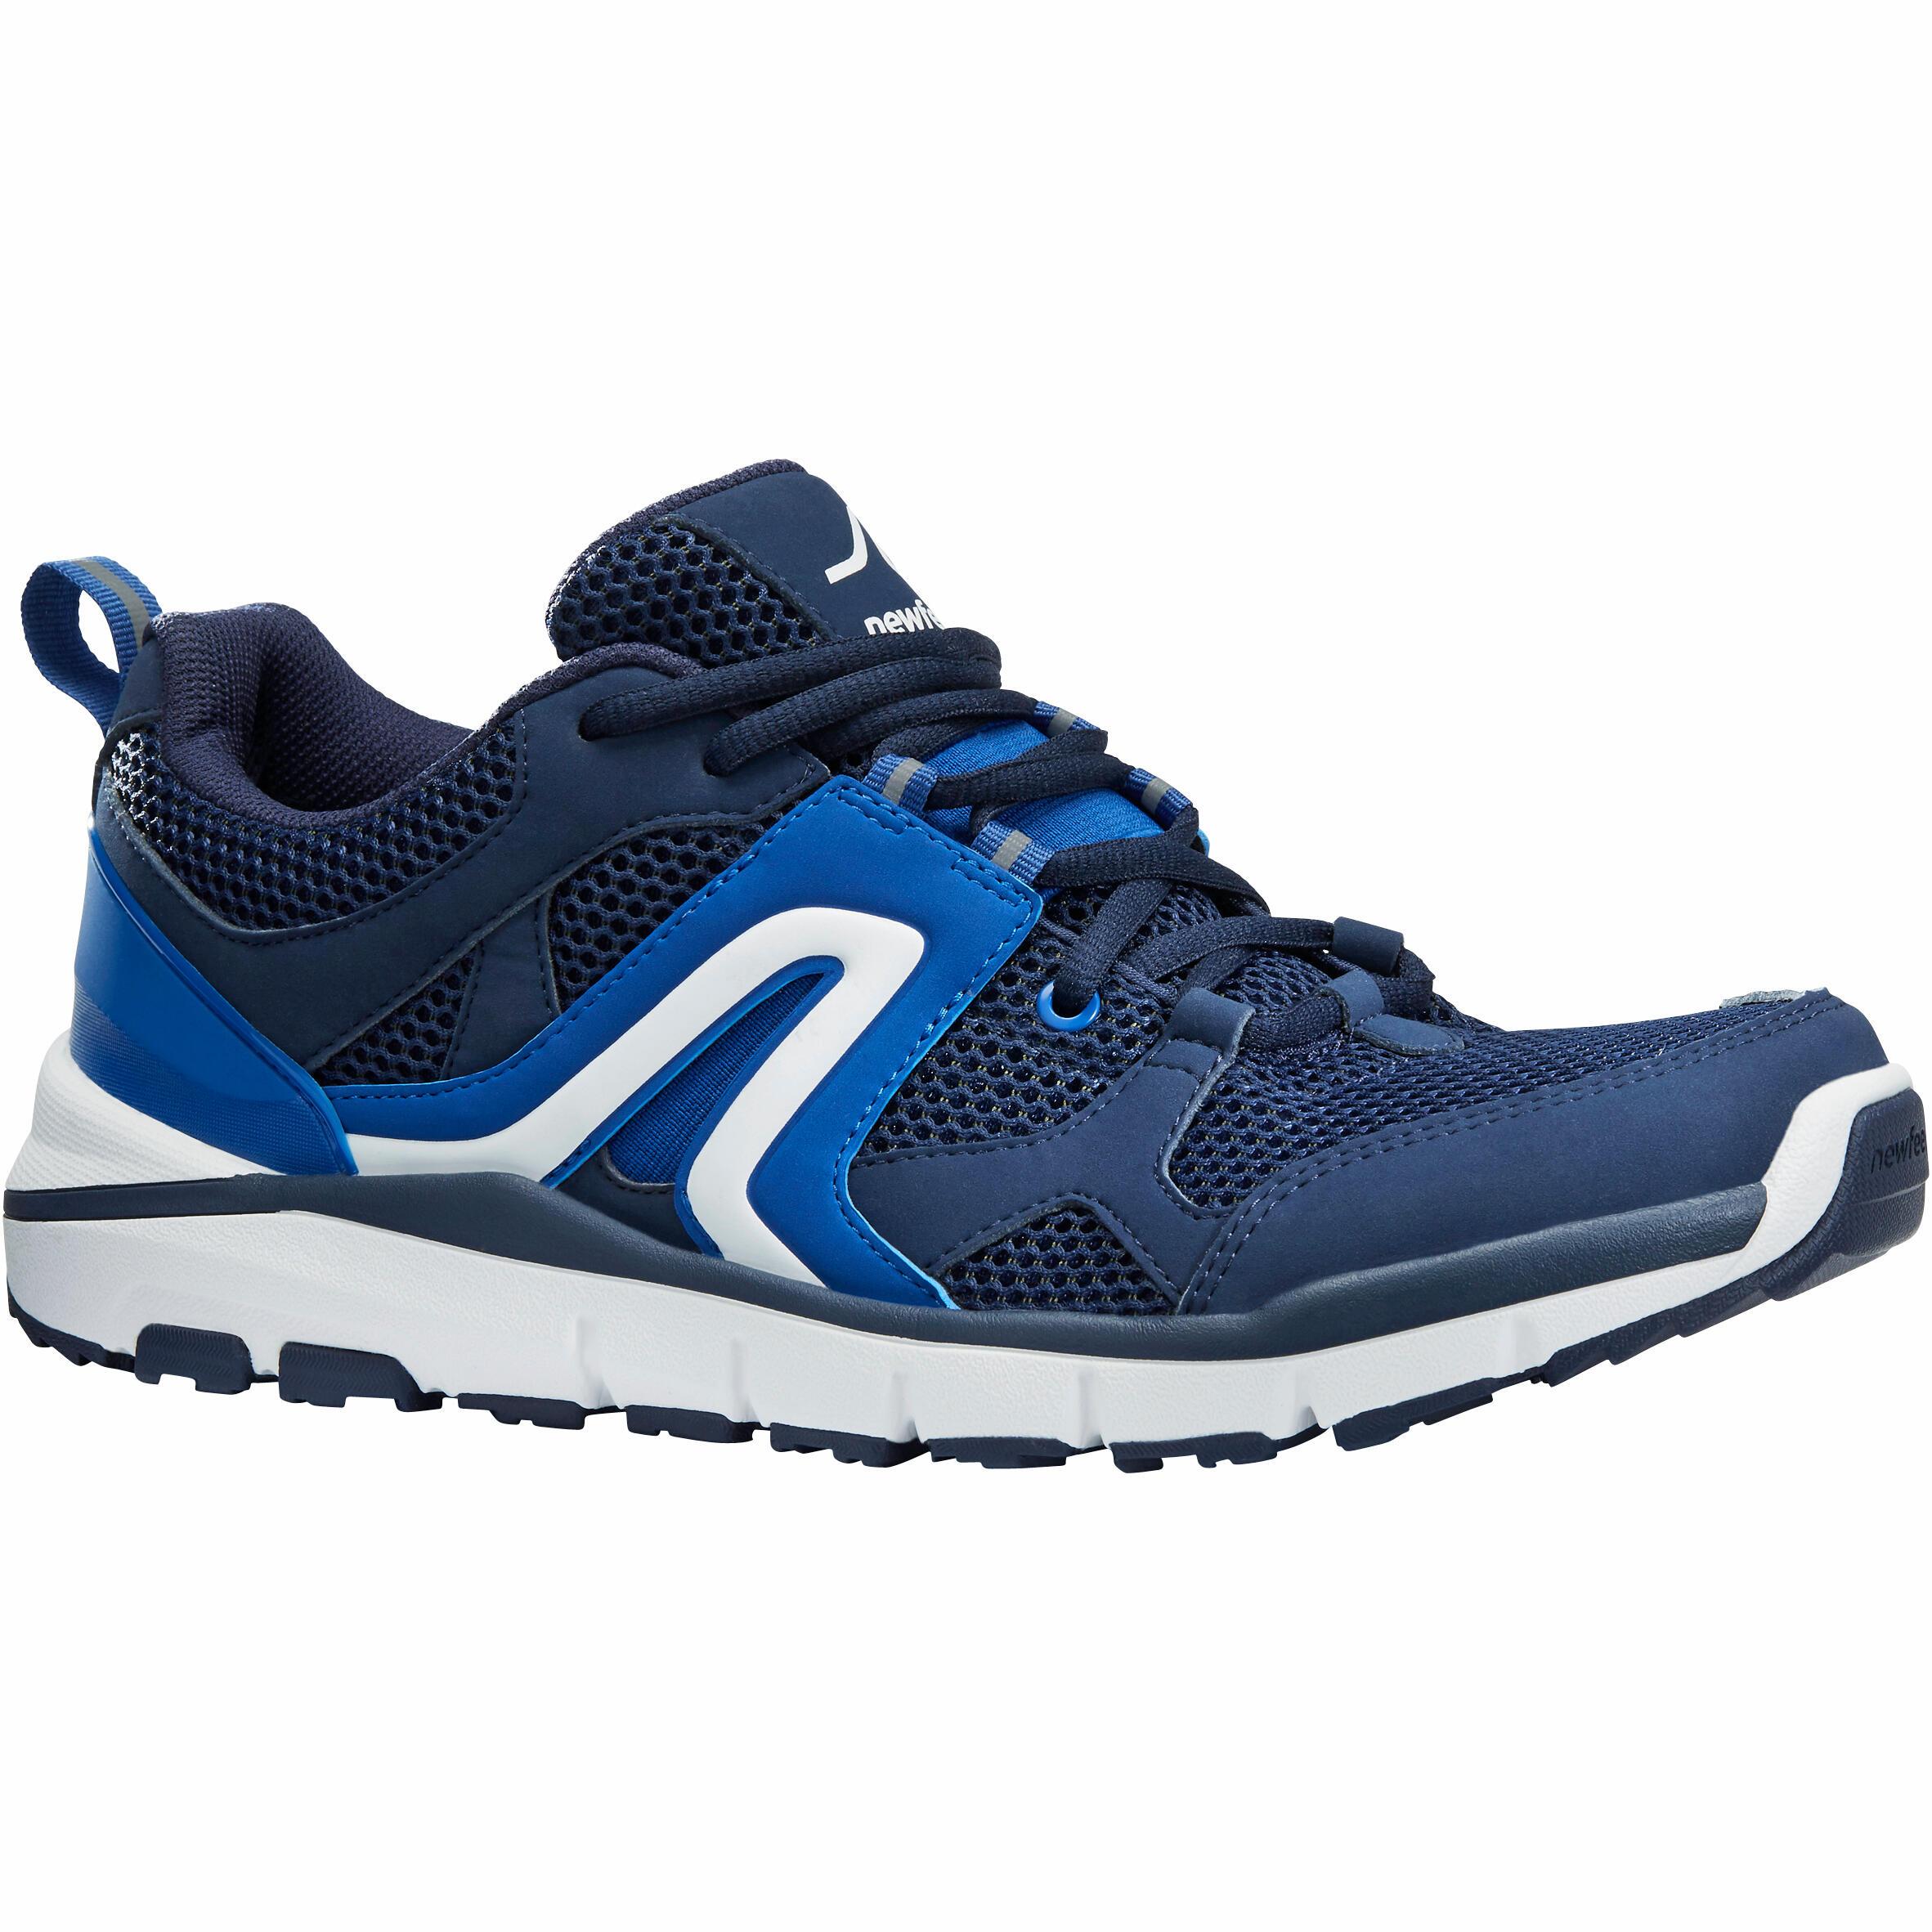 3a1e82ac63b Comprar Zapatillas de Marcha Hombre Online